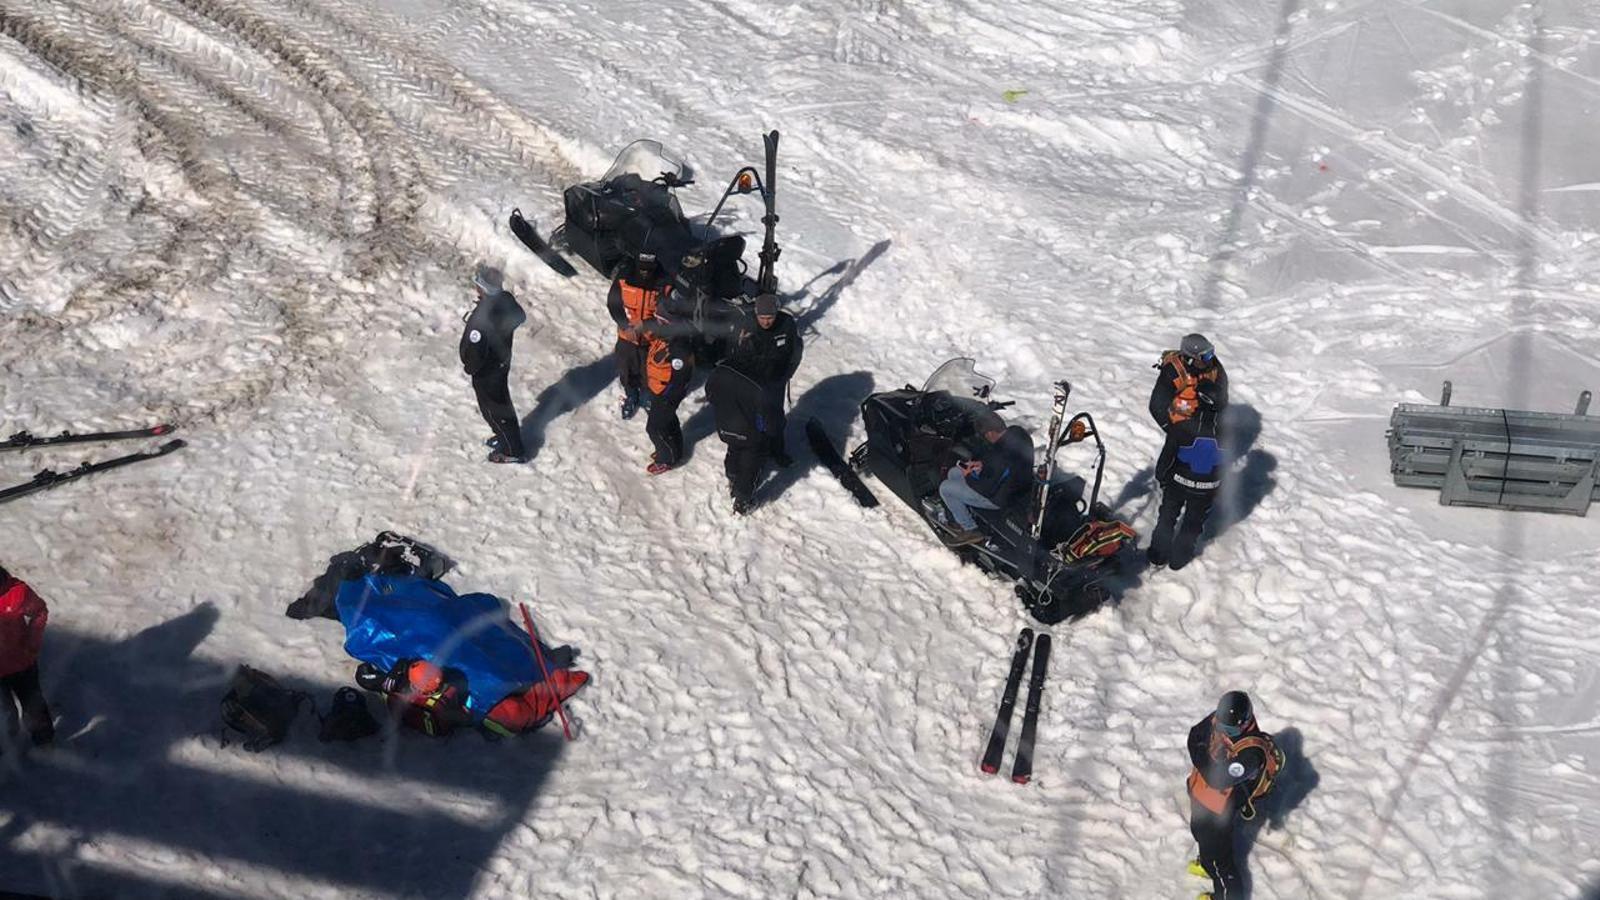 Les tasques de salvament de l'esquiador mort. / AGÈNCIA ANA